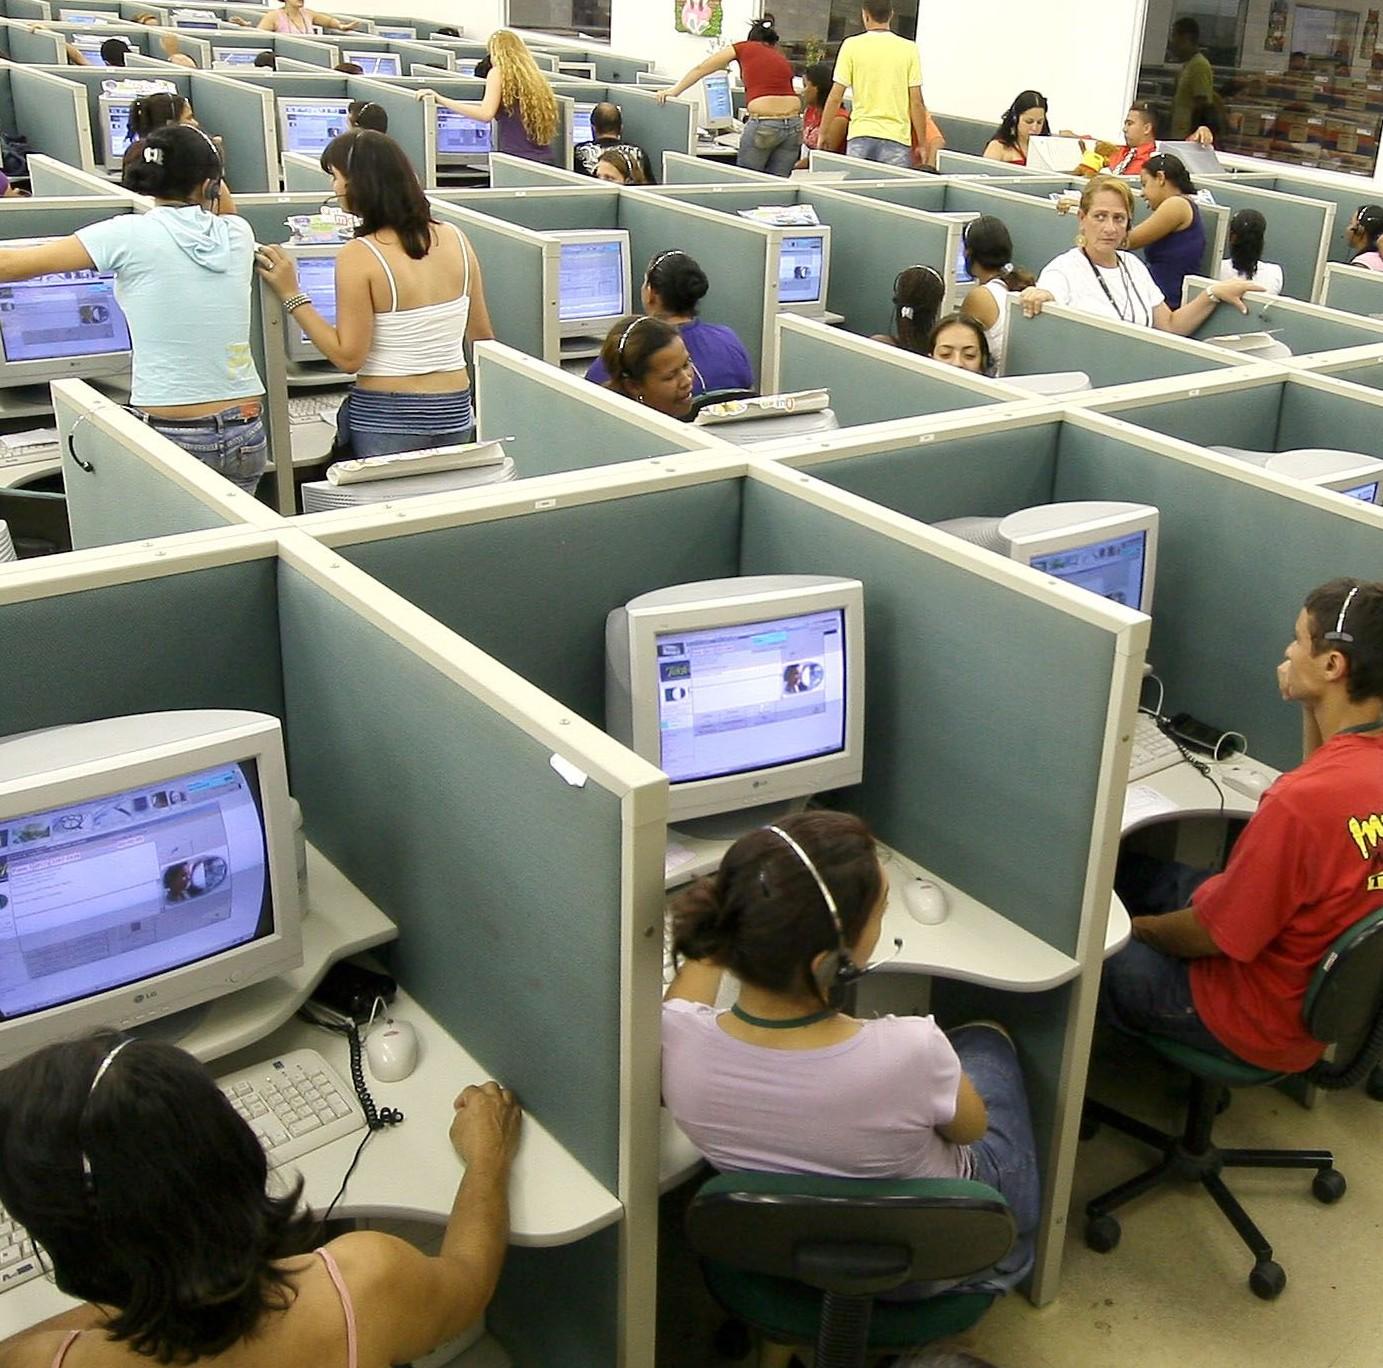 Call centers podrían generar nuevos empleos en RD | Audiencia ...